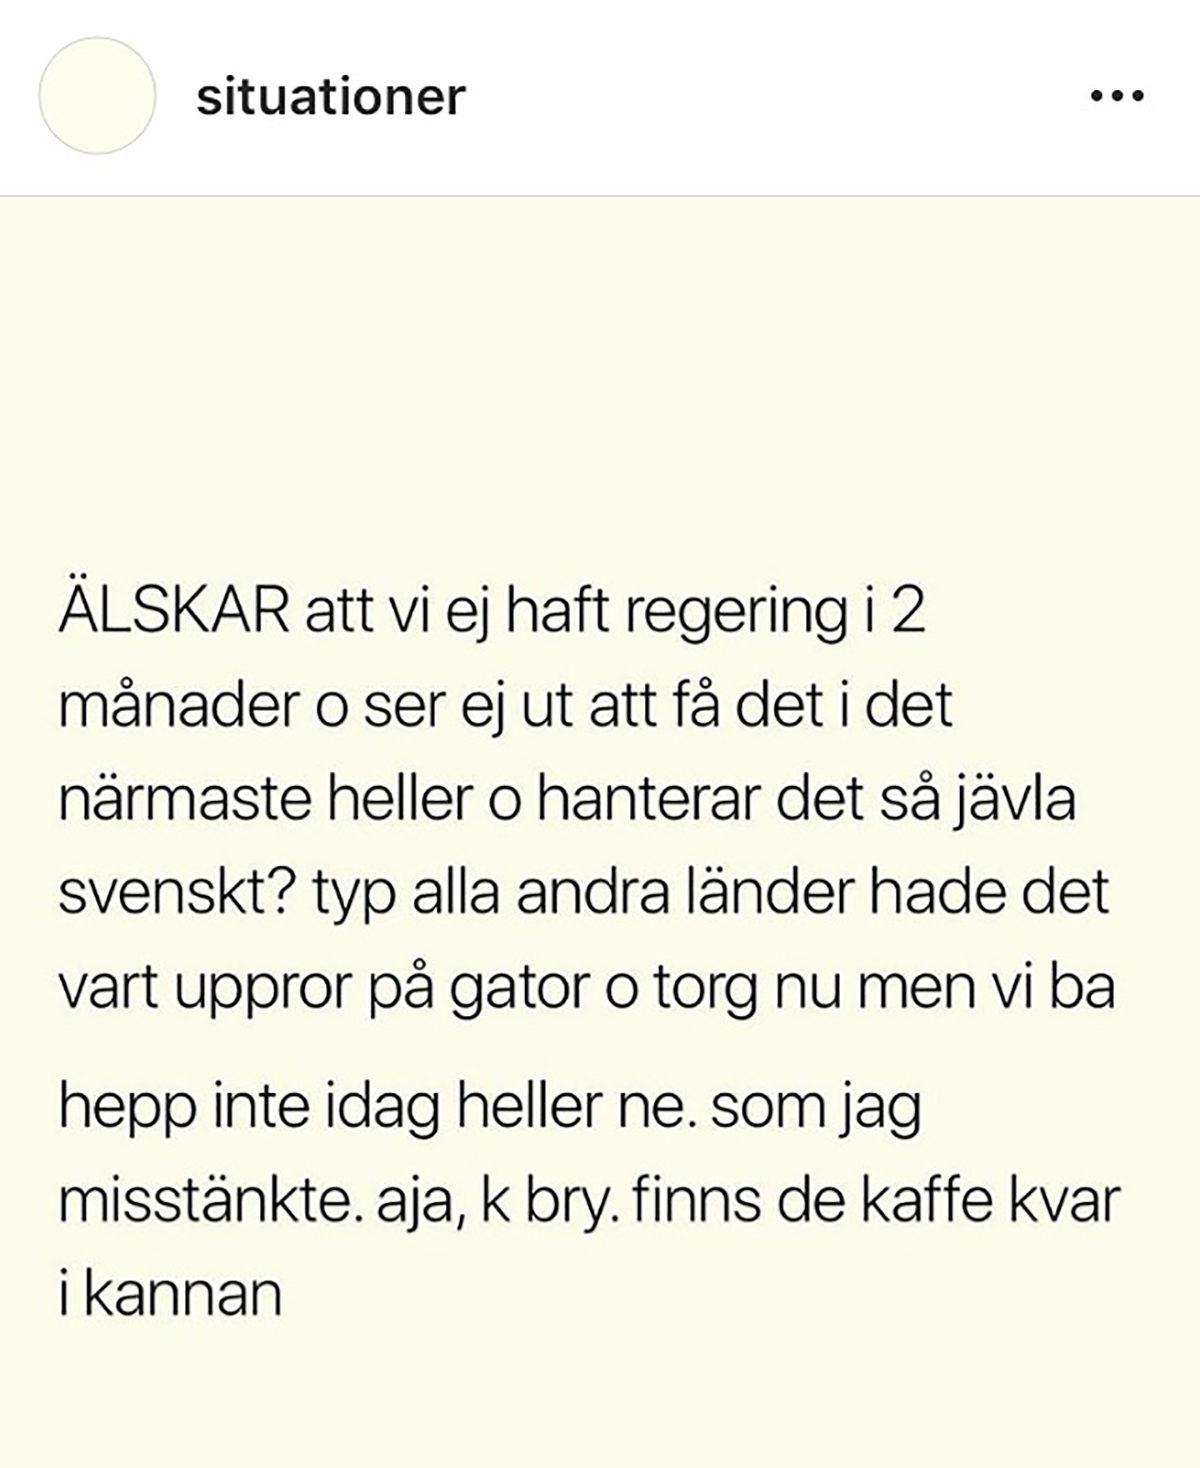 situationer instagram